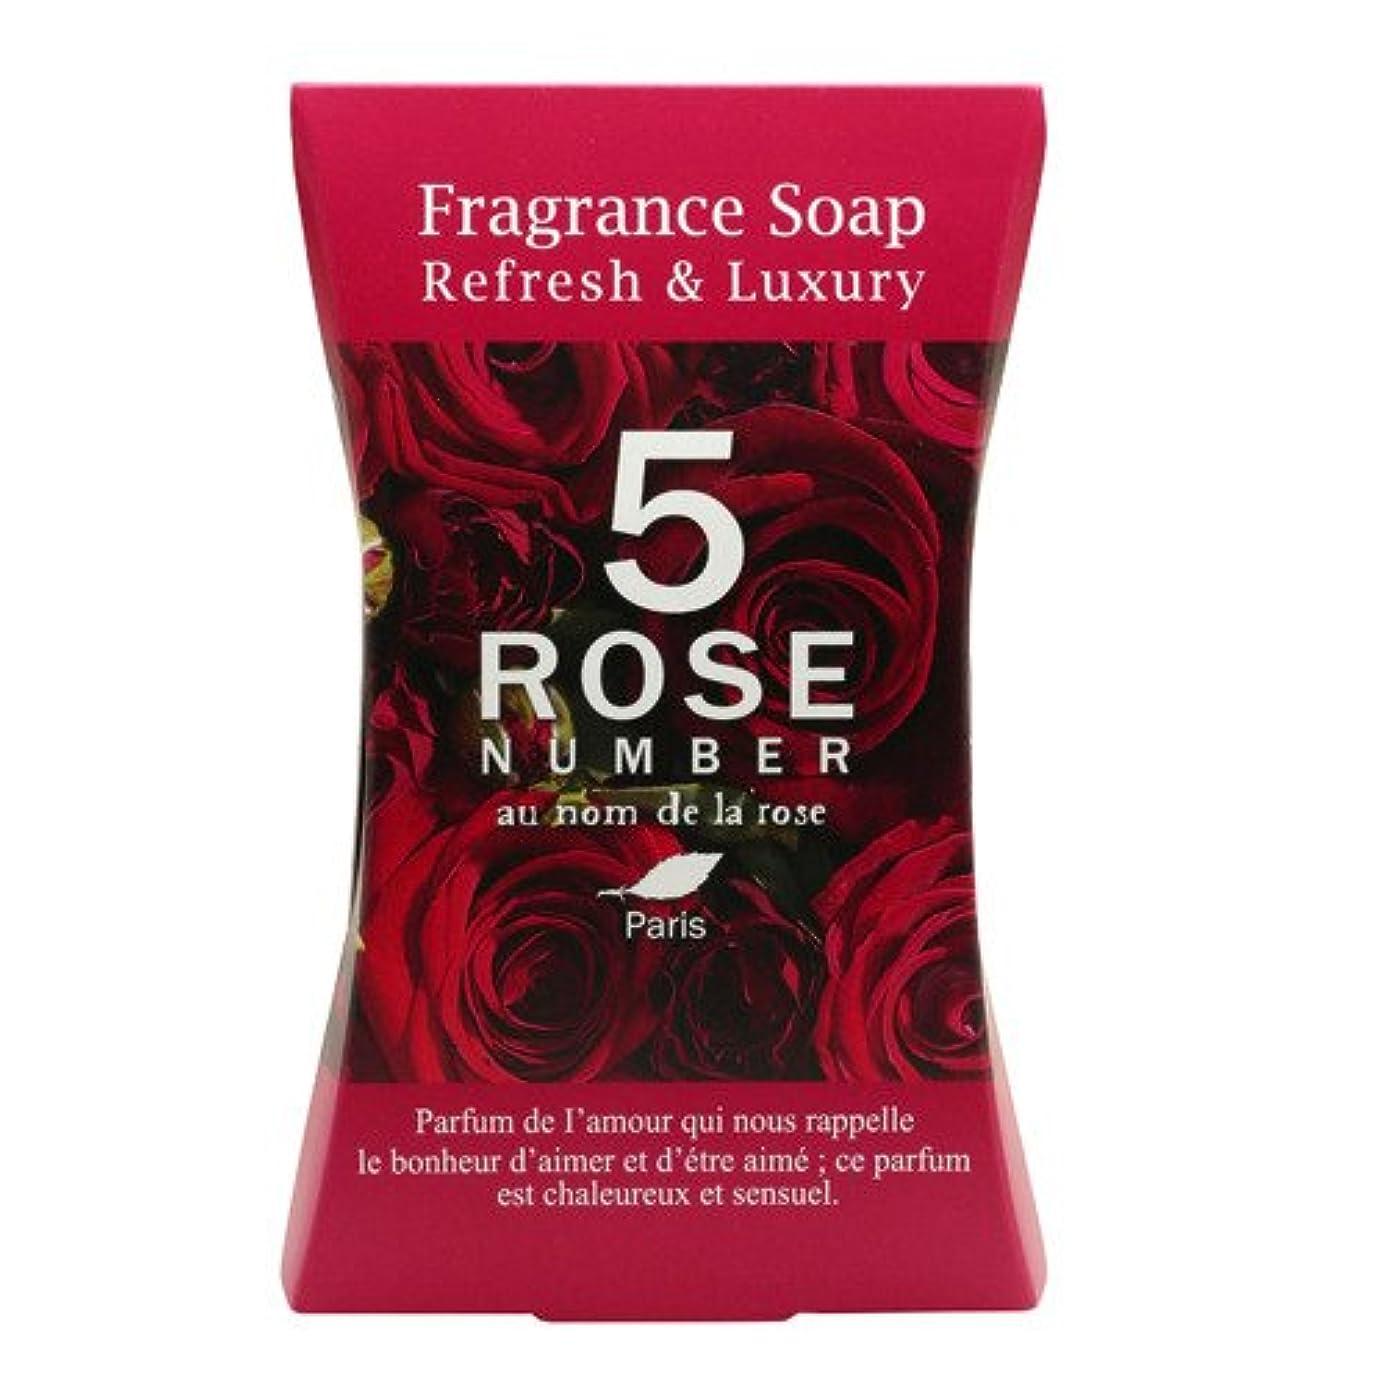 締め切り苛性強制的ROSE NUMBER ソープバー NO5 エレガントなバラの香り (100g)